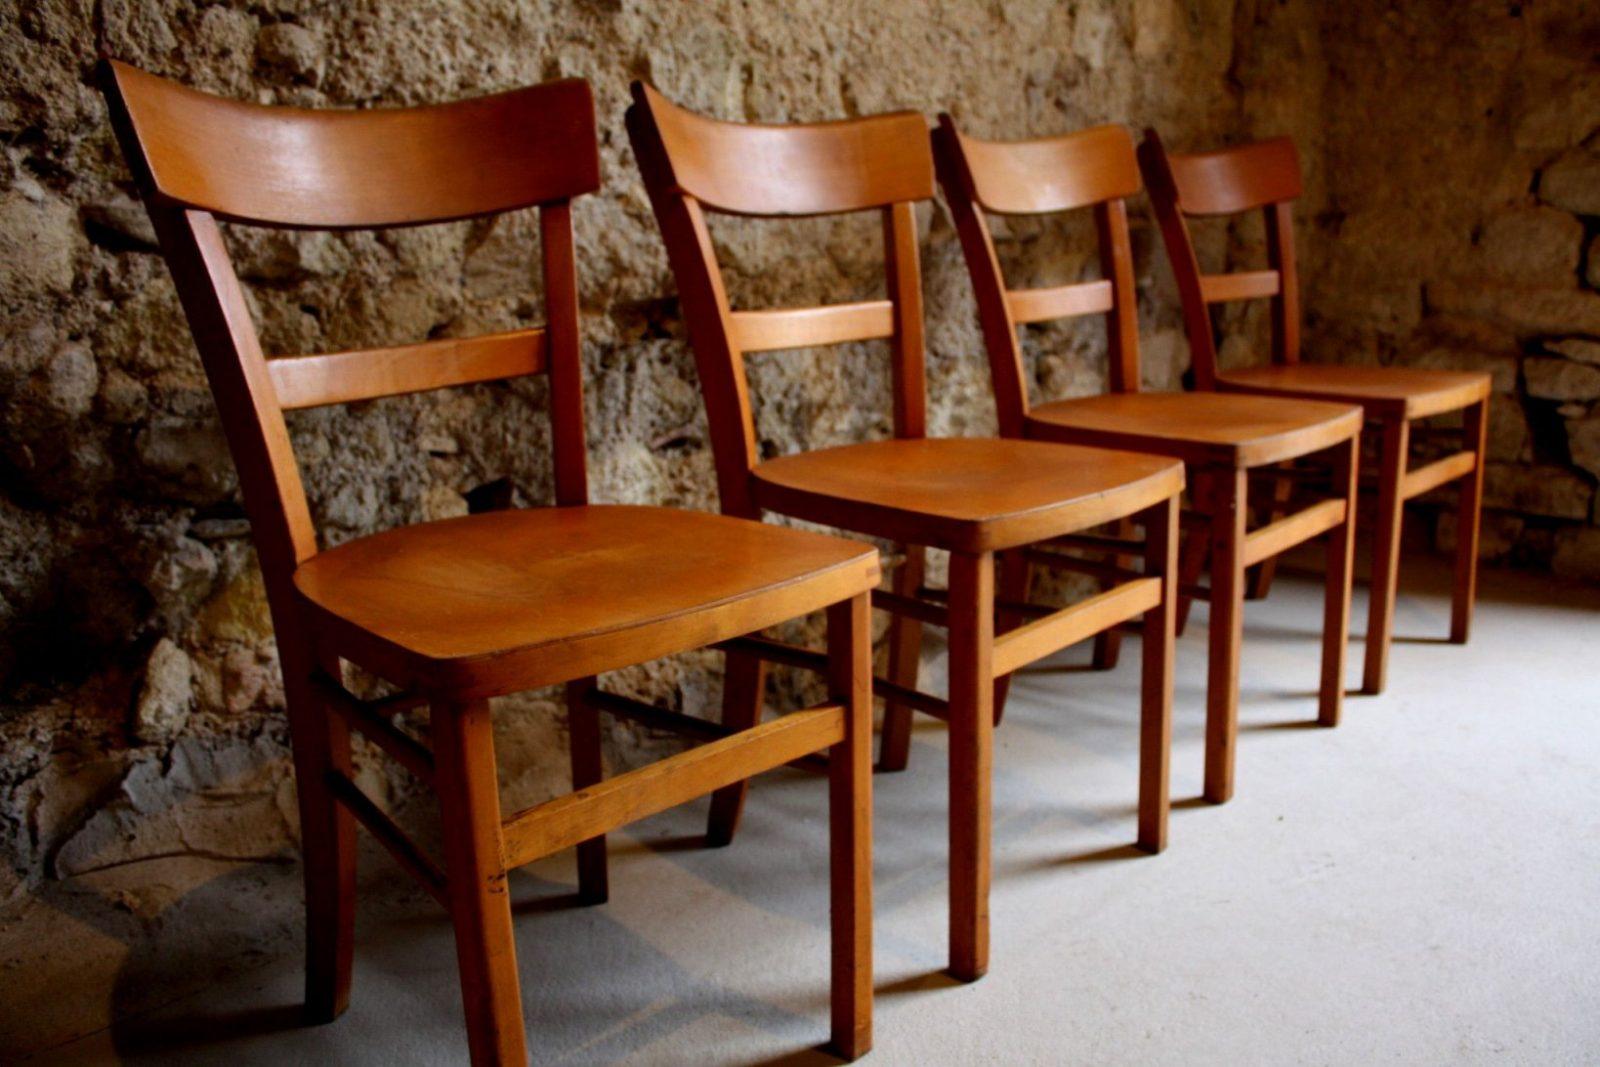 16 Gebrauchte Gastronomie Tische Und Stühle Schön  Lqaff von Outdoor Möbel Gastronomie Gebraucht Bild